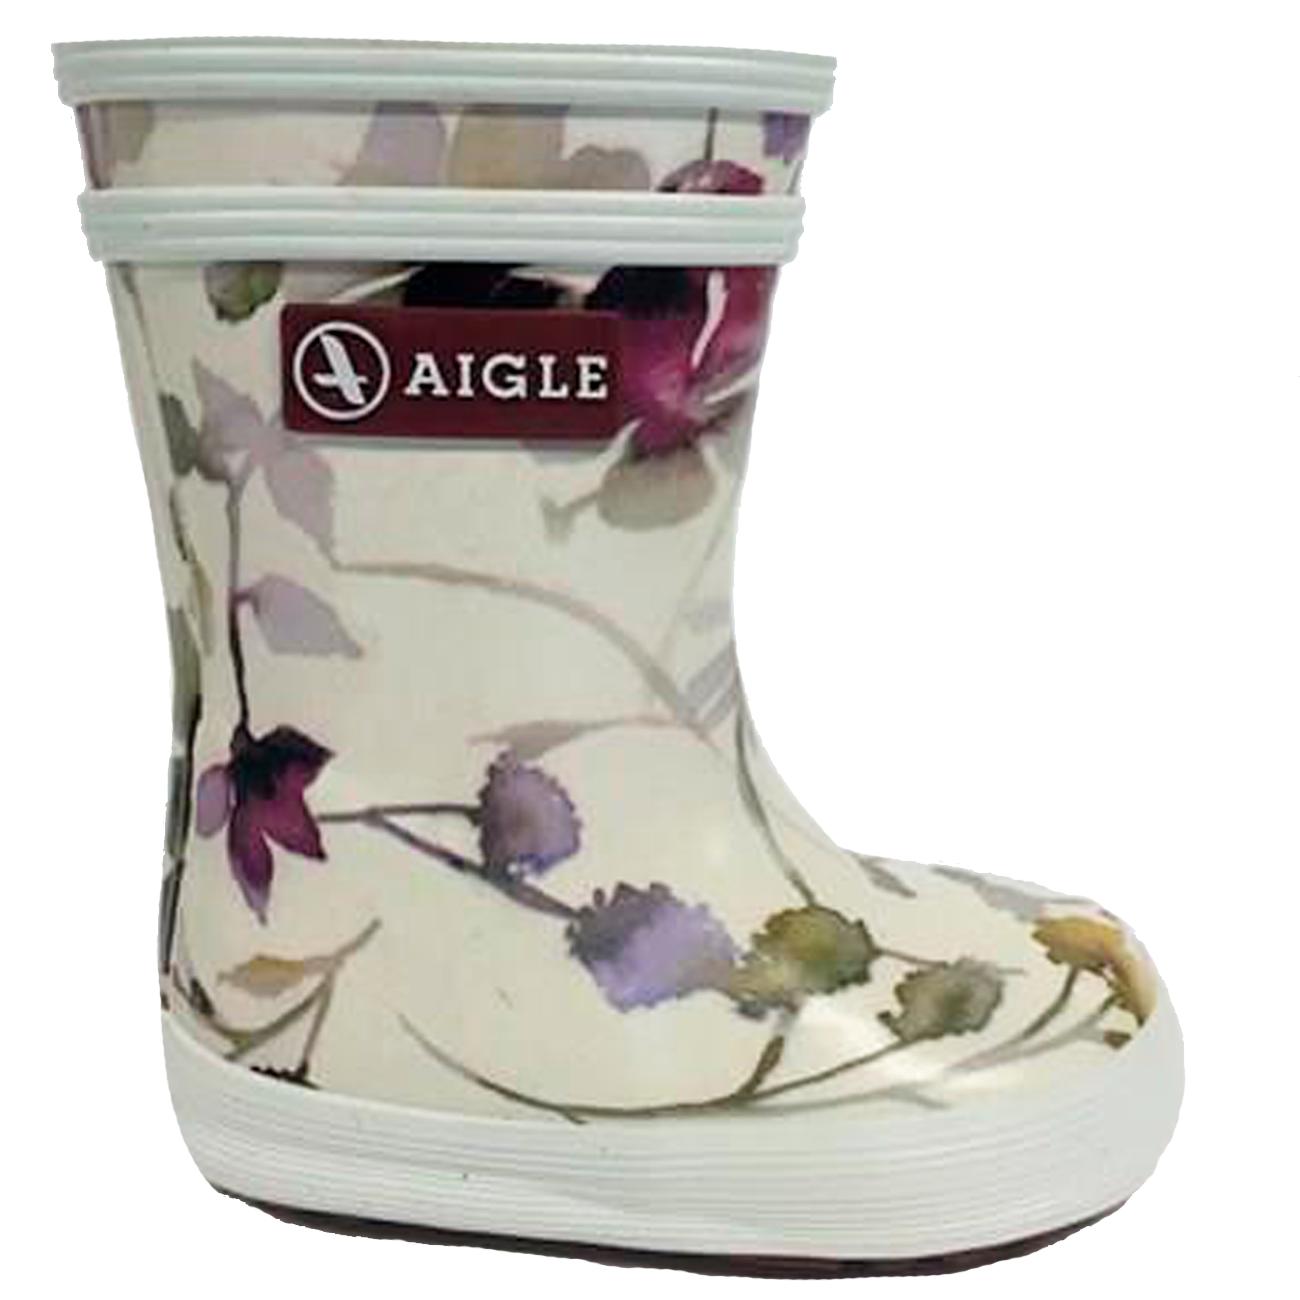 d7a3a8be8cf Aigle Baby Flac Gummistøvler Wildflower